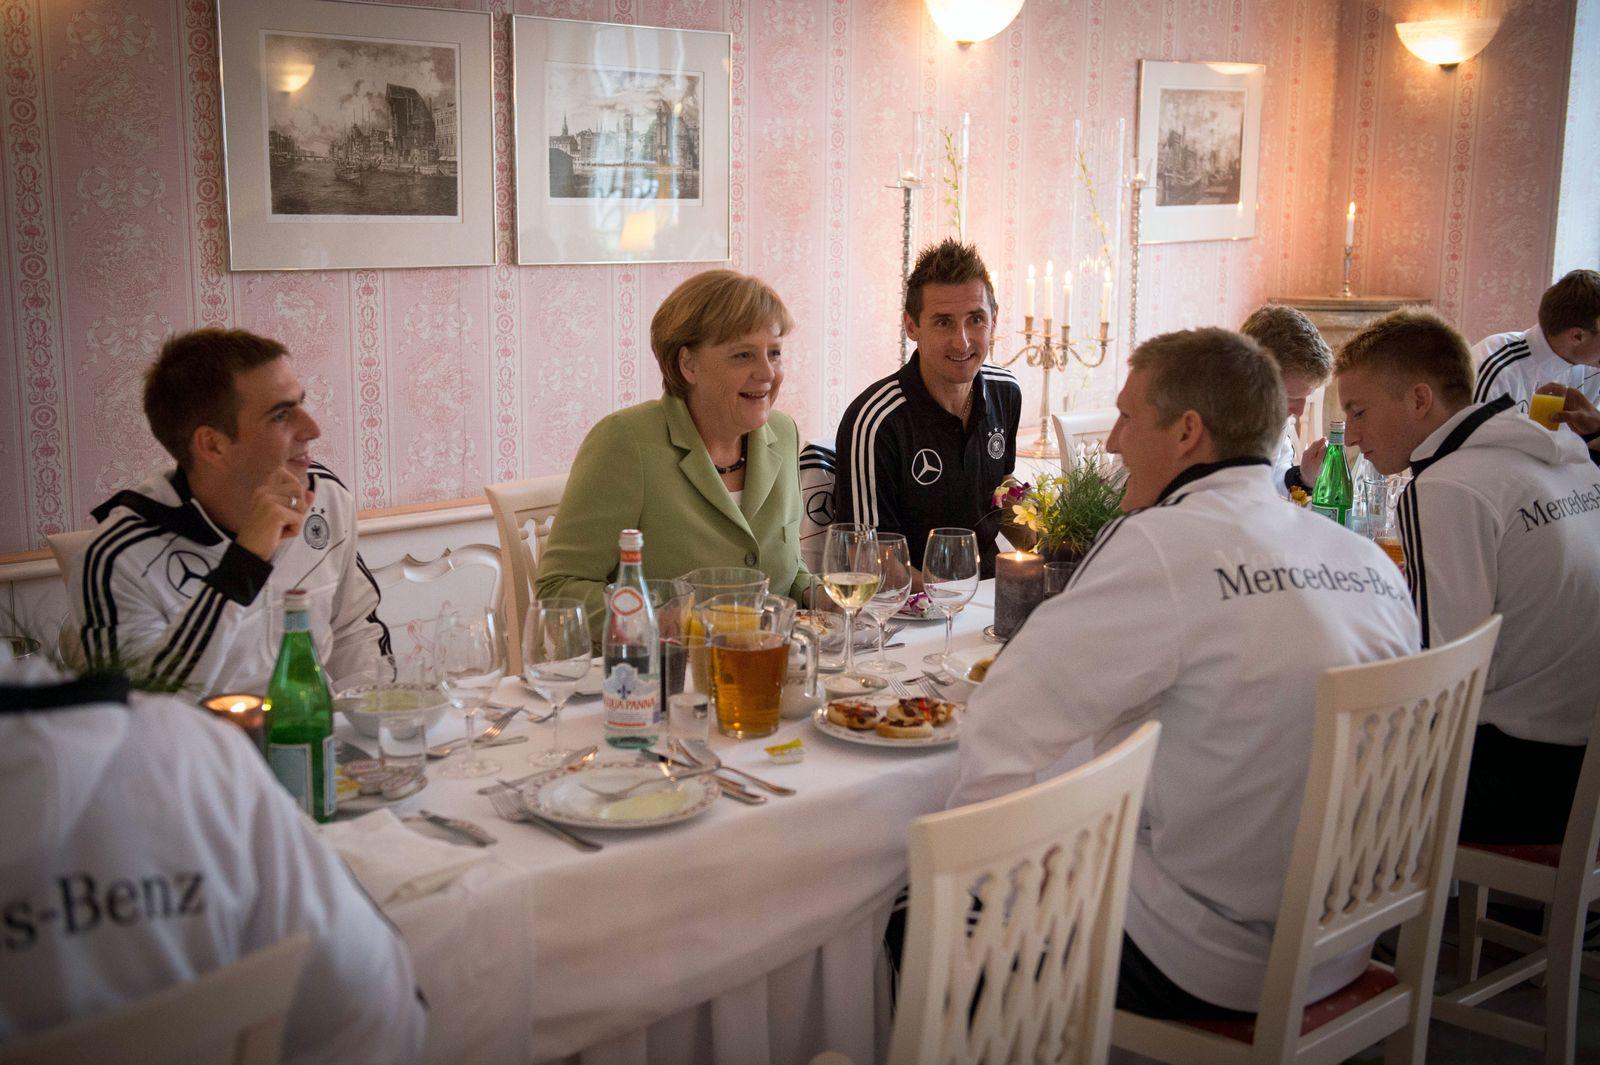 NICHT VERWENDEN Merkel / Besuch Nationalmannschaft